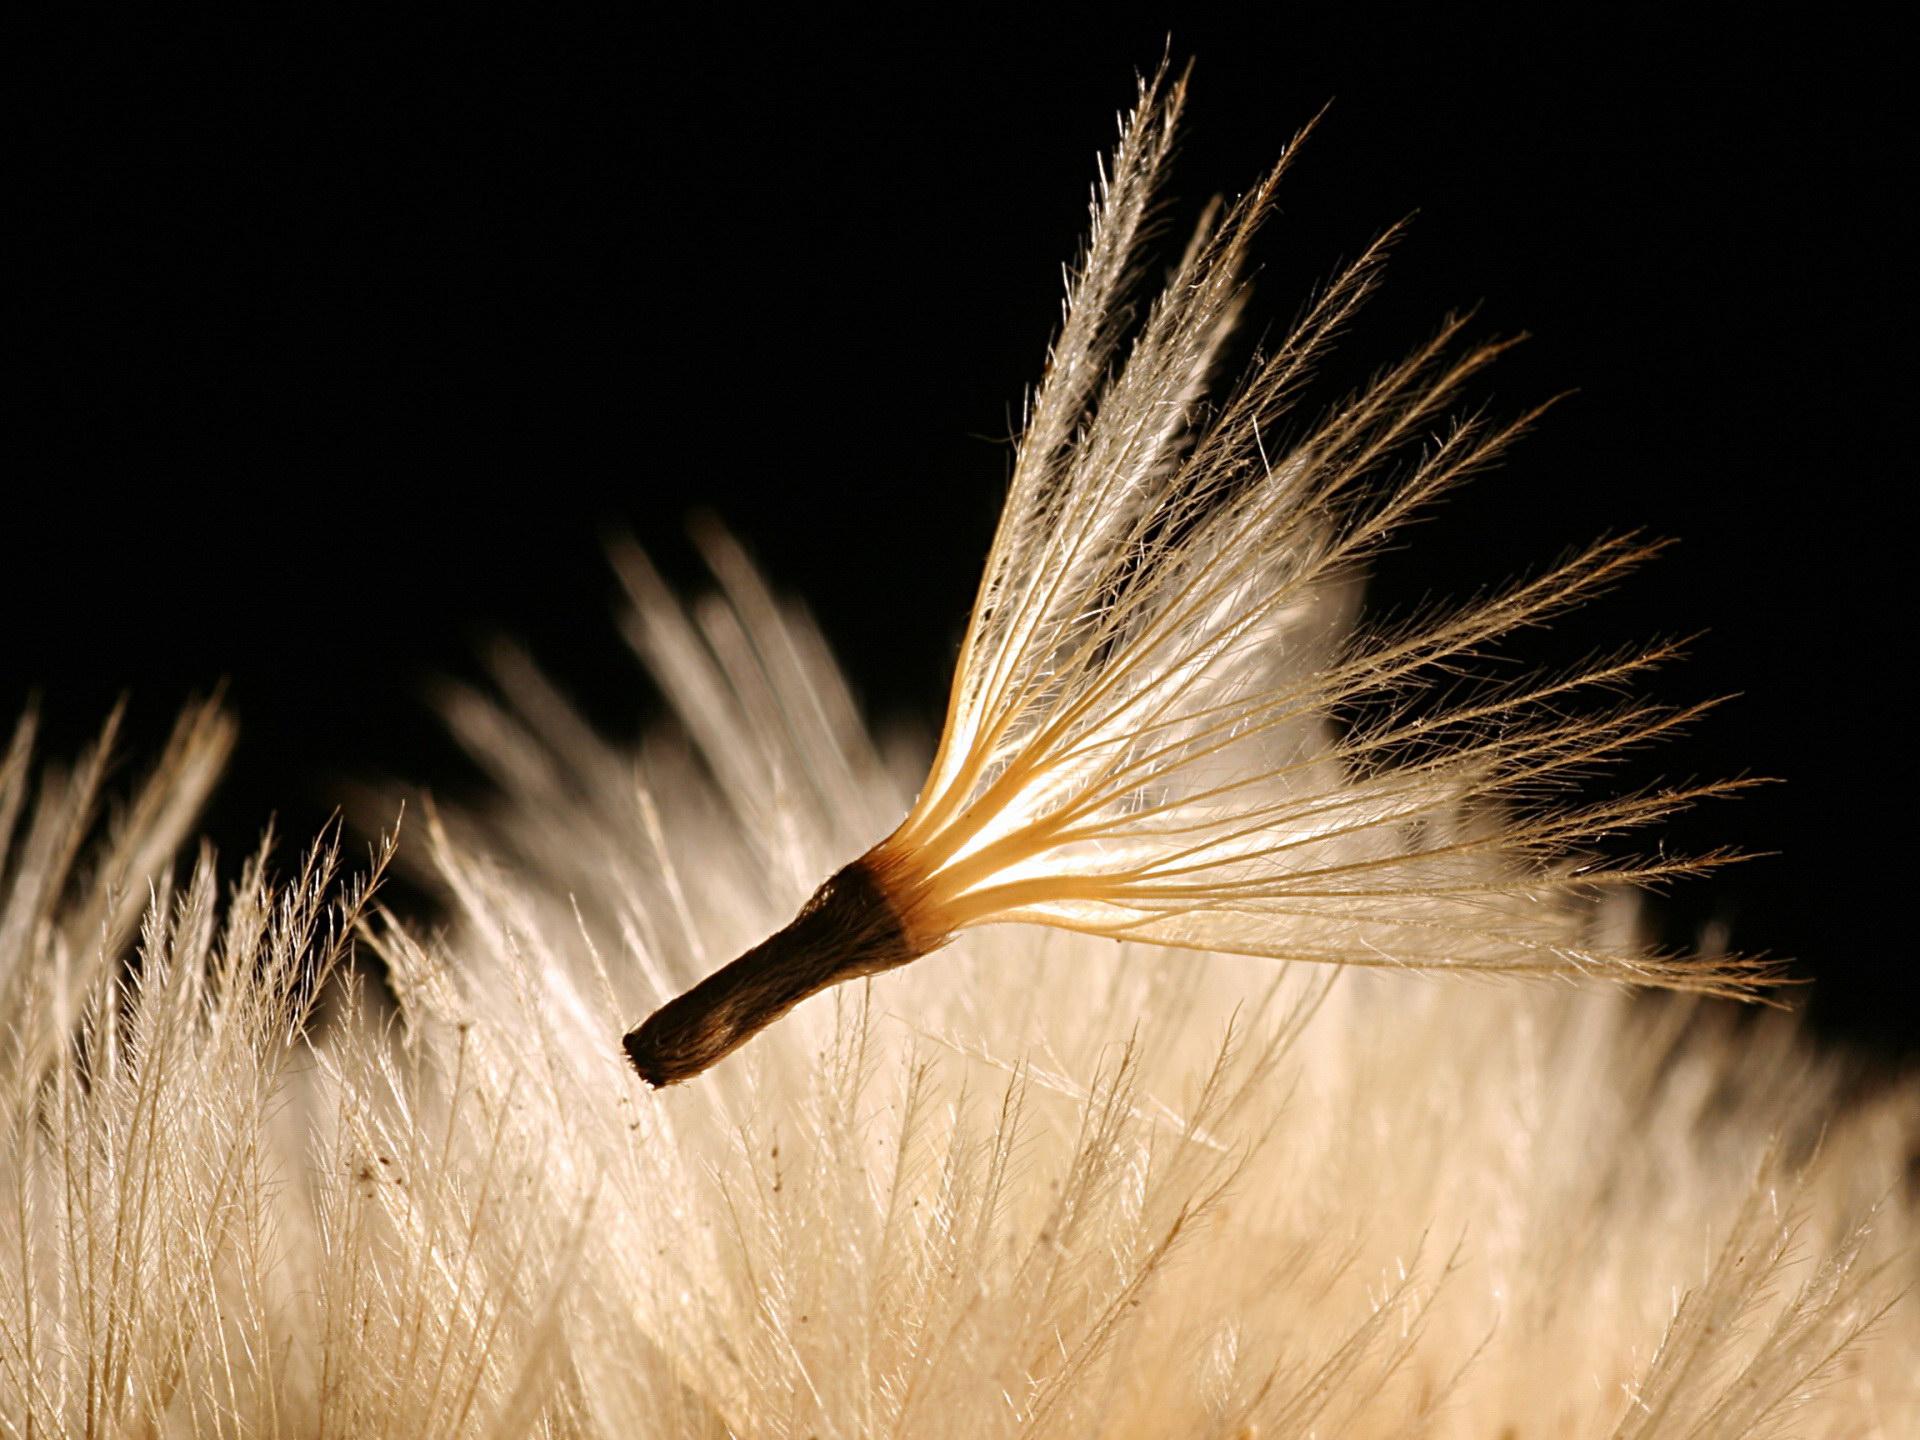 желанию фото летящих семян время